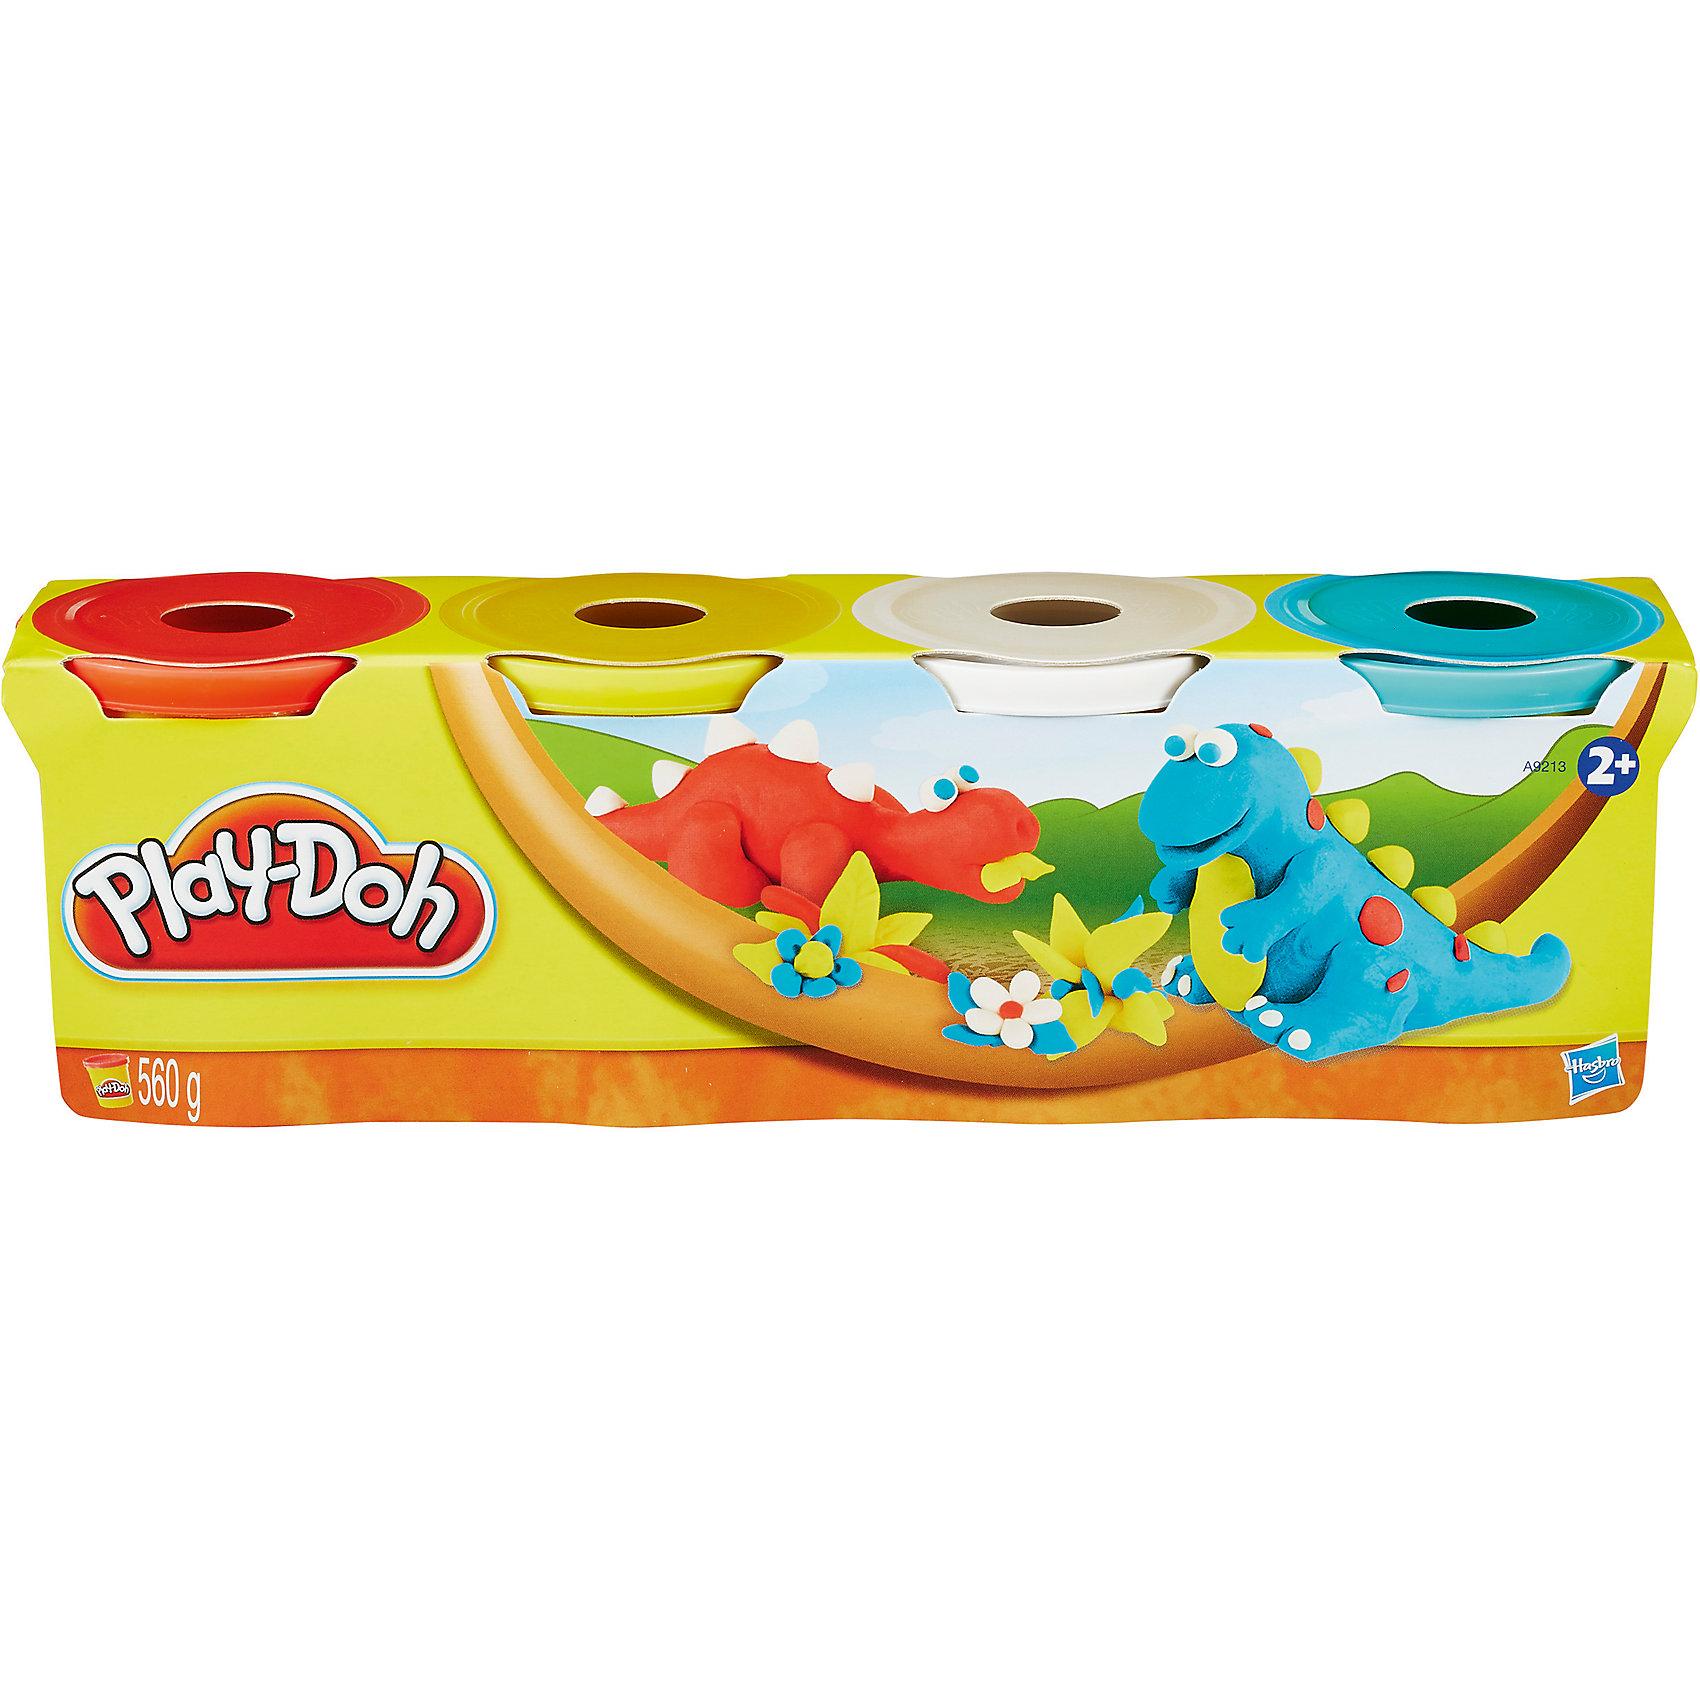 Hasbro Пластилин в 4-х банках, #3, Play-Doh hasbro play doh b5517 игровой набор из 4 баночек в ассортименте обновлённый